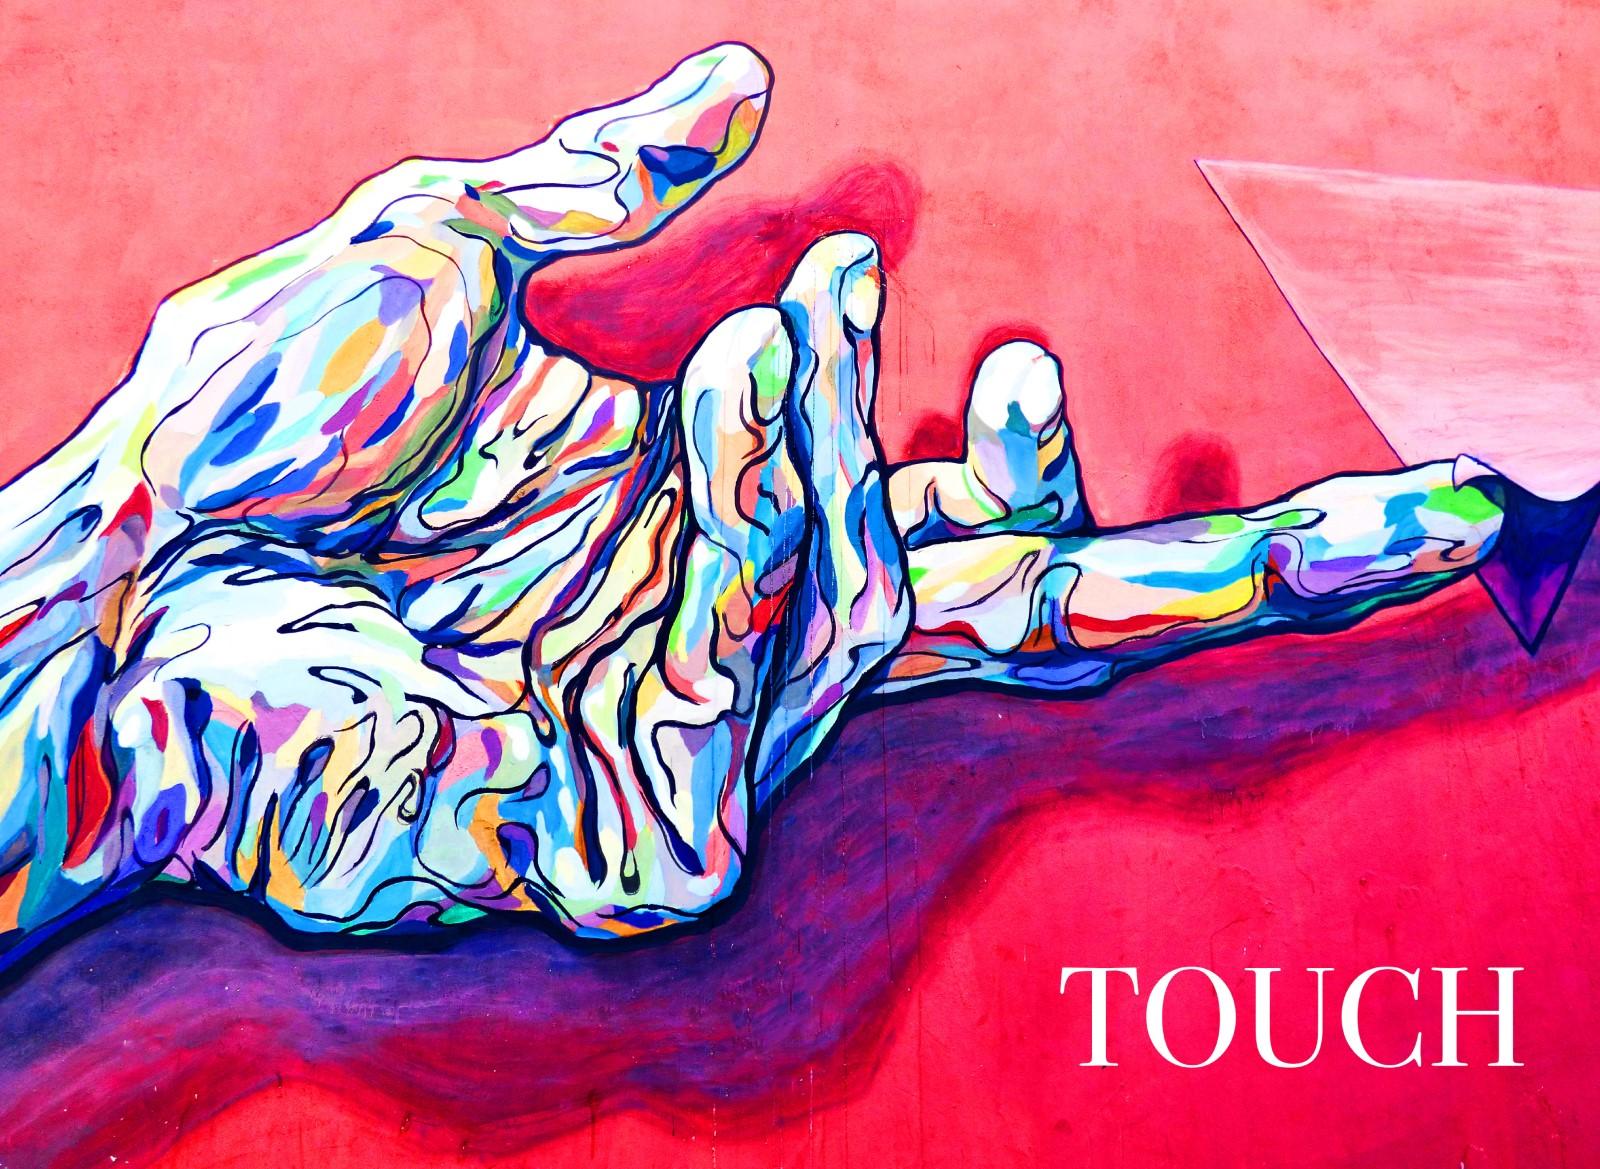 Street Art - Touch